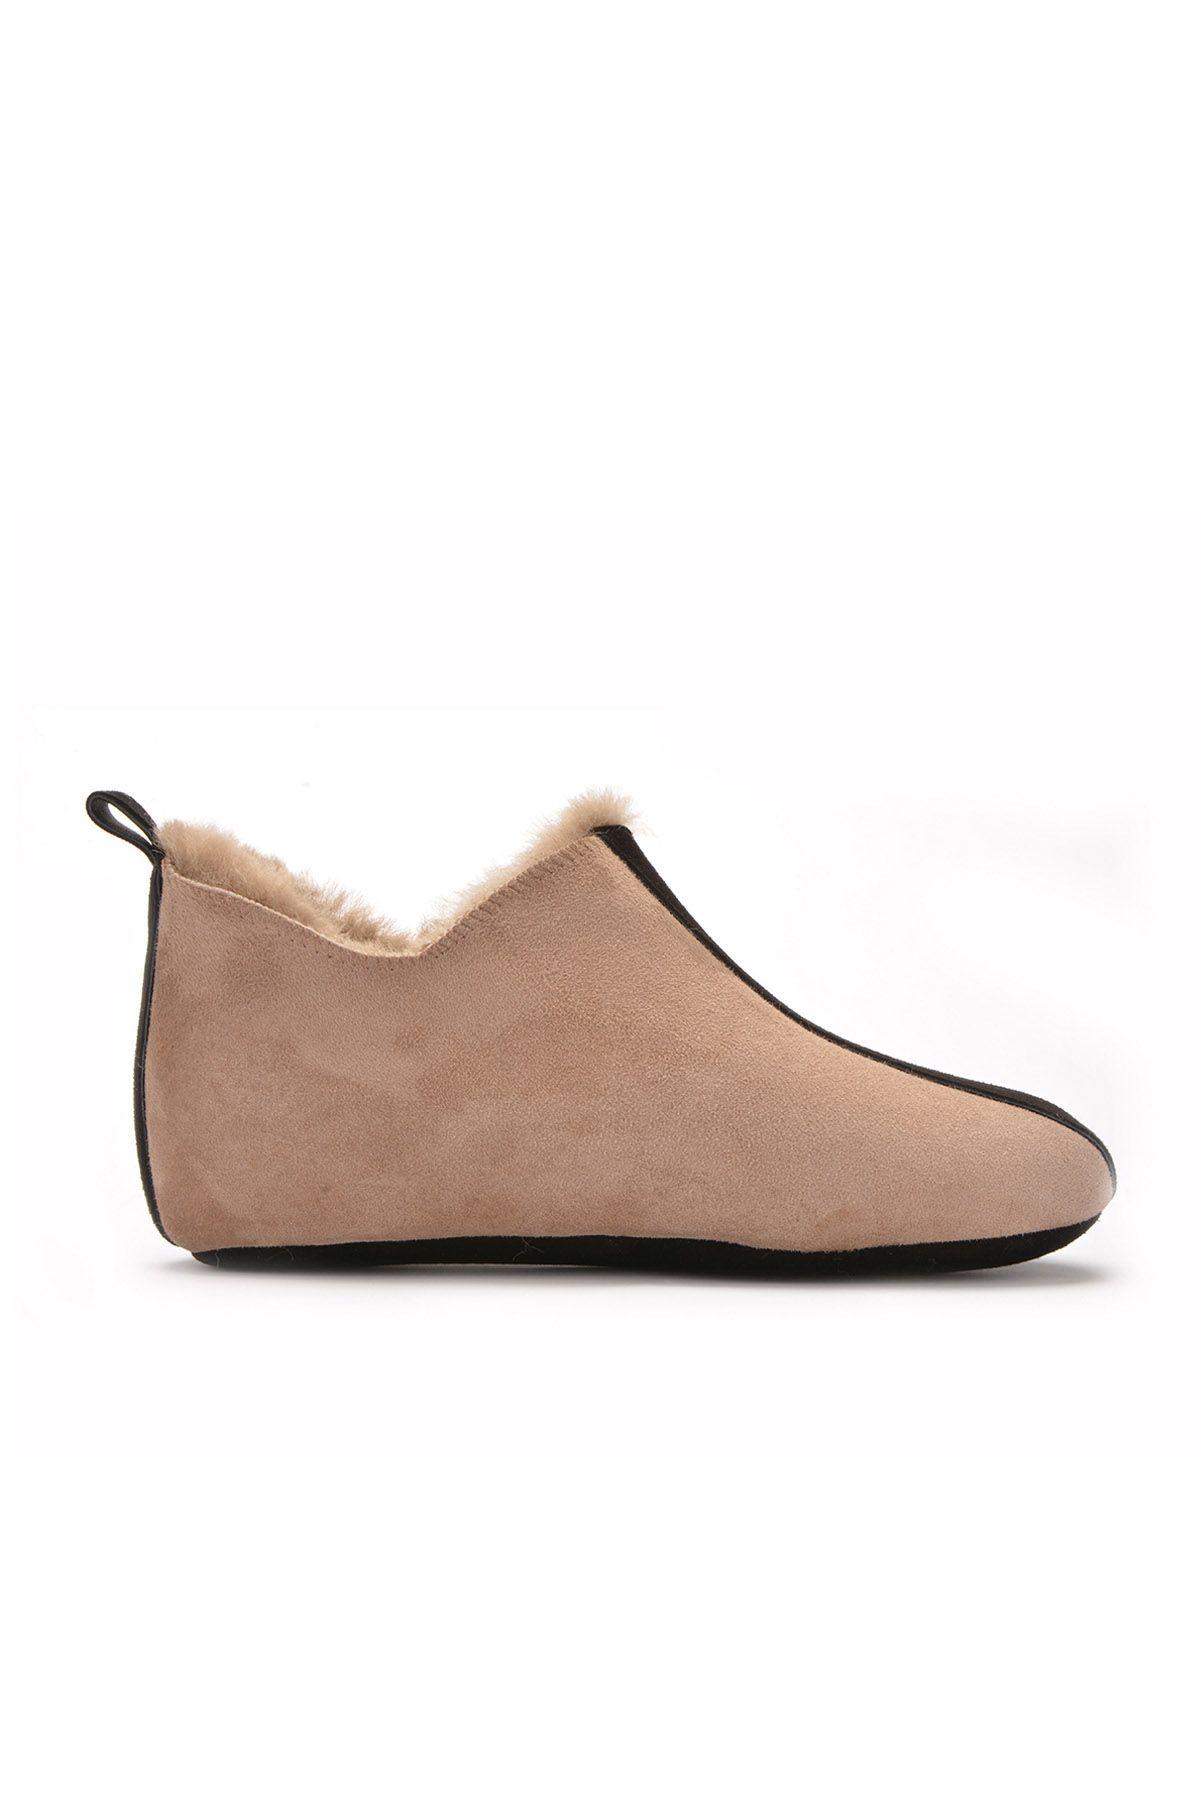 Pegia Hakiki Kürk Bayan Ev Ayakkabısı 101197 Vizon